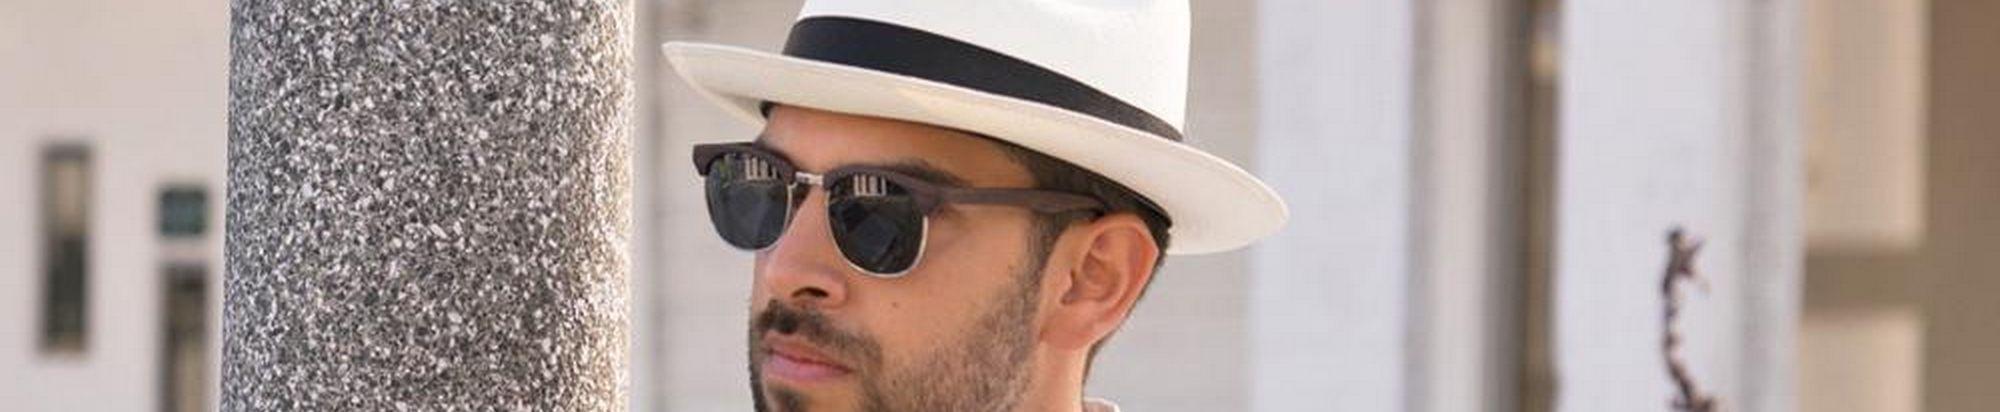 i Panama Hatte hos The Prince Webshop